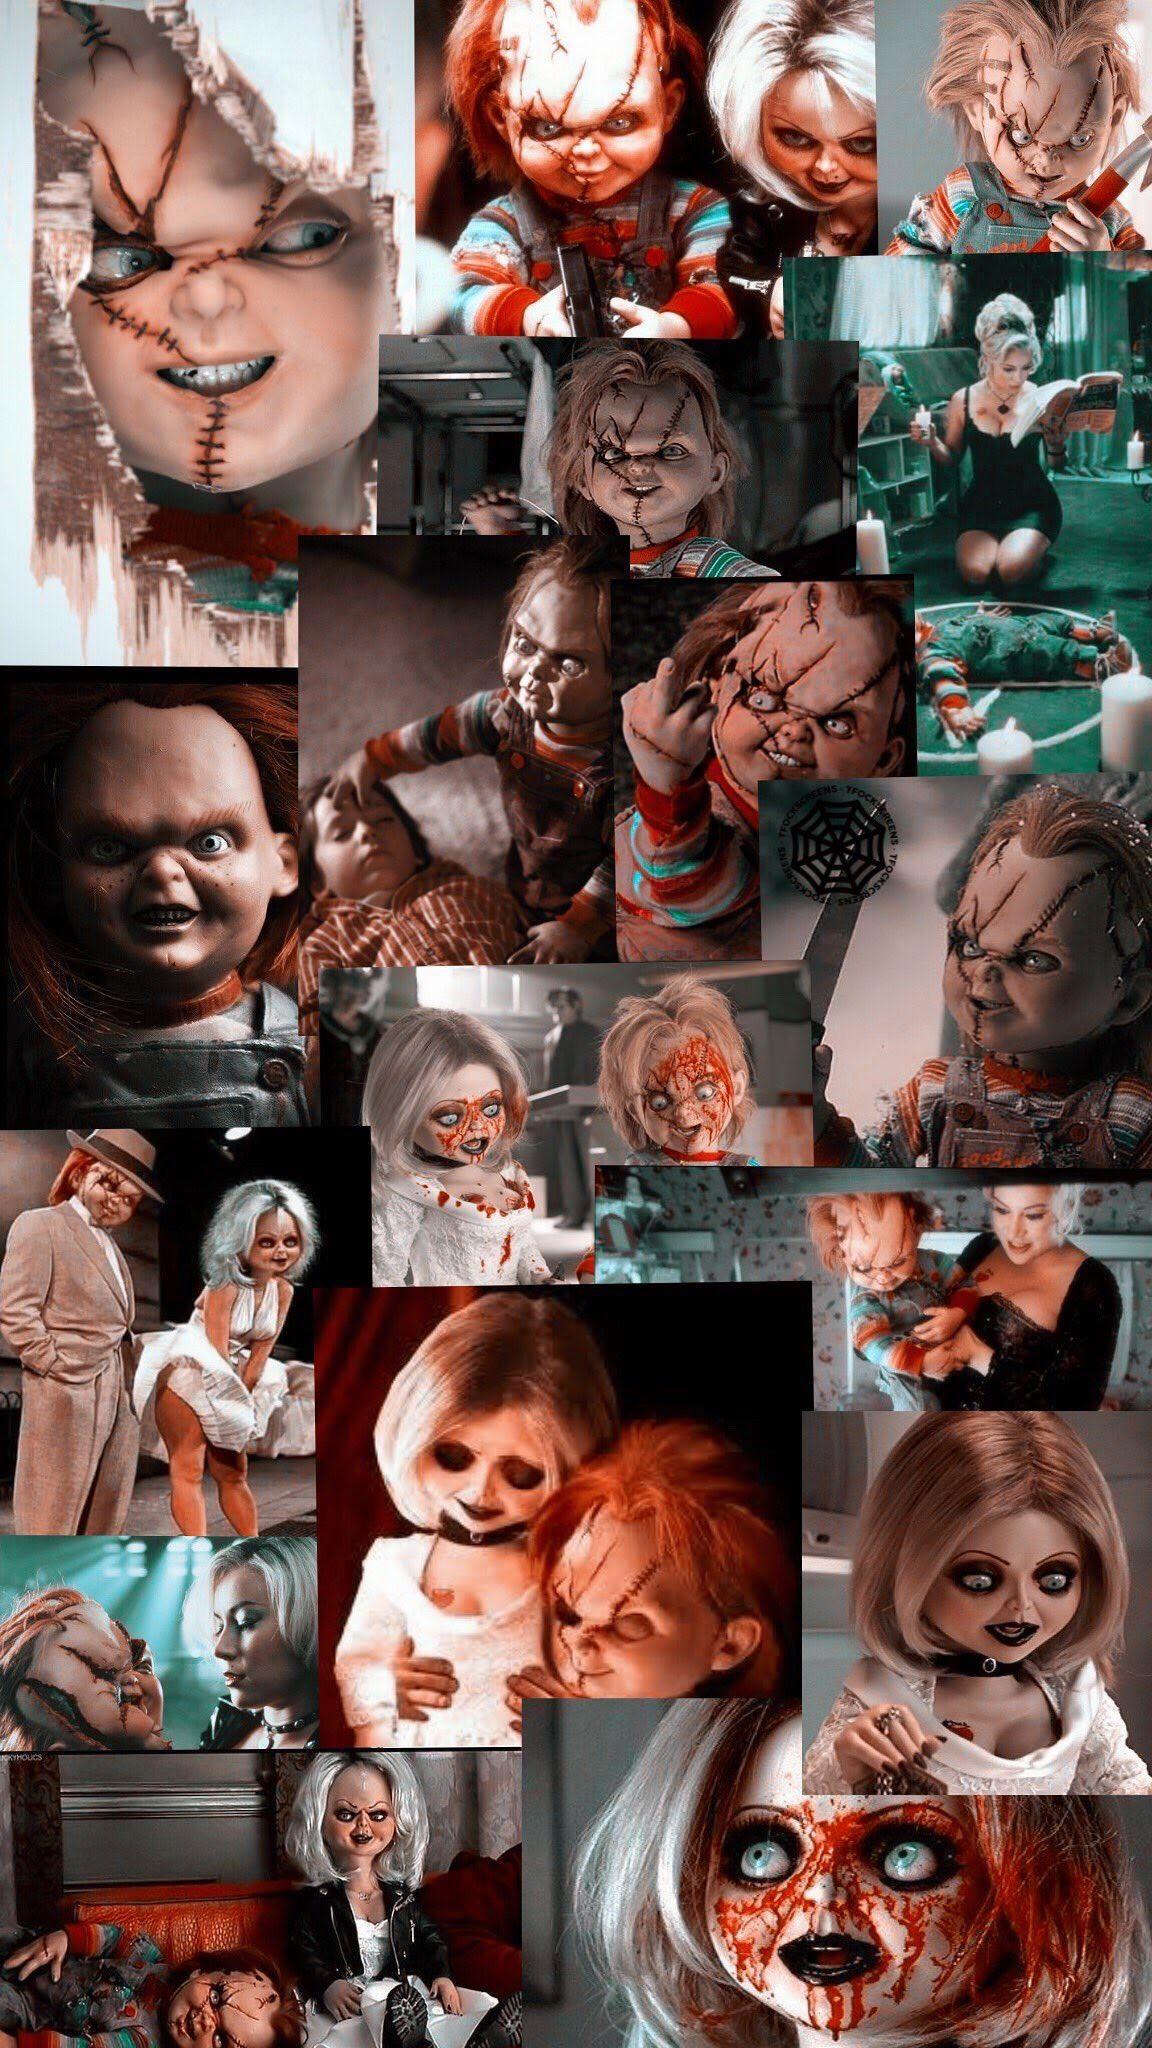 bride of chucky Bride of chucky, Clown horror, Chucky doll